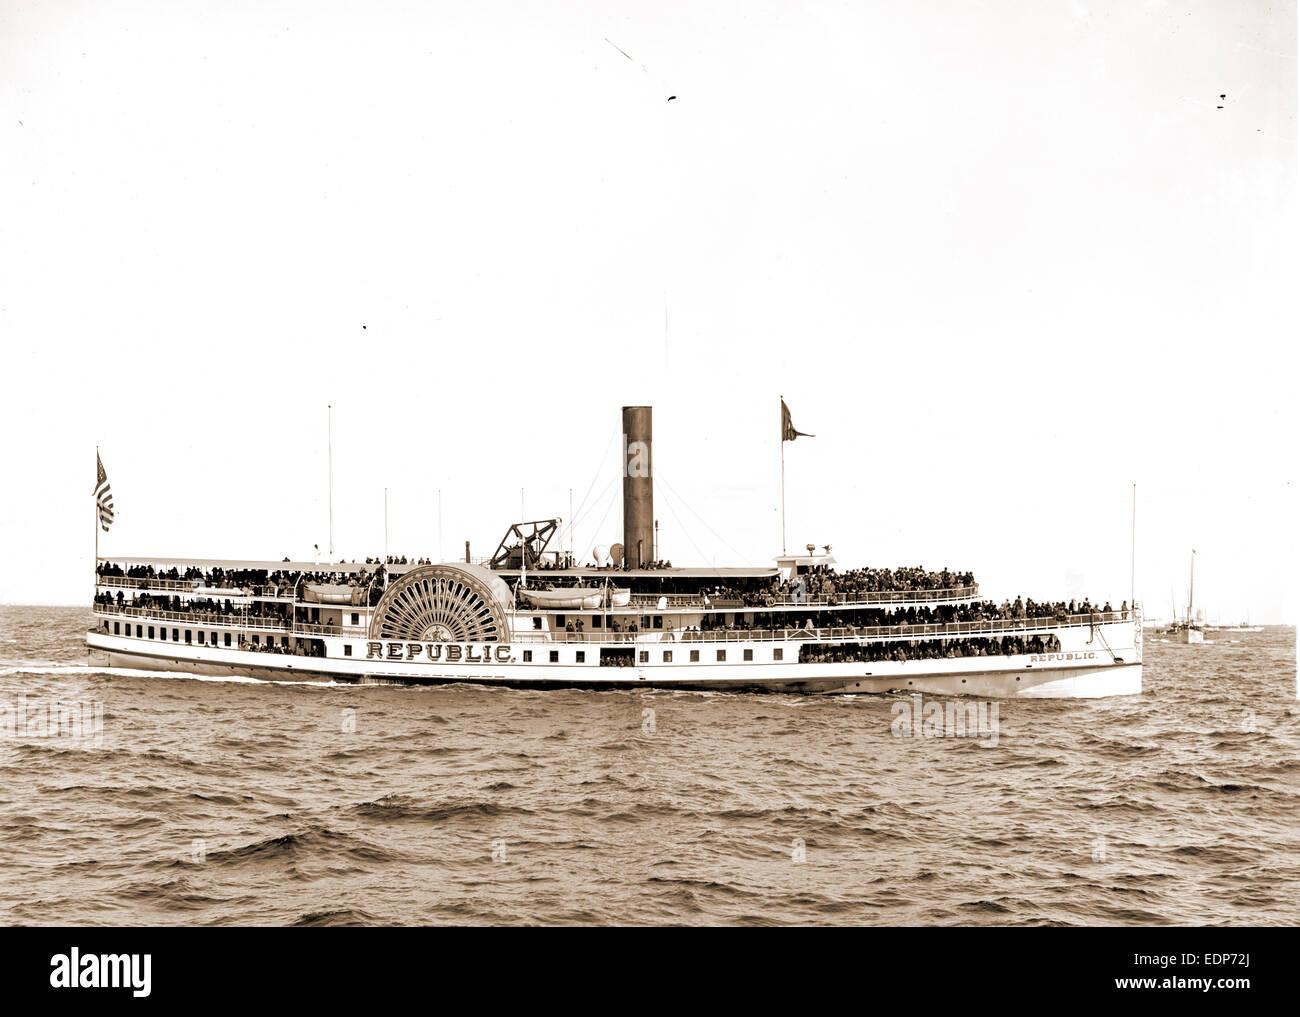 nyyc-steamer-republic-new-york-yacht-clu